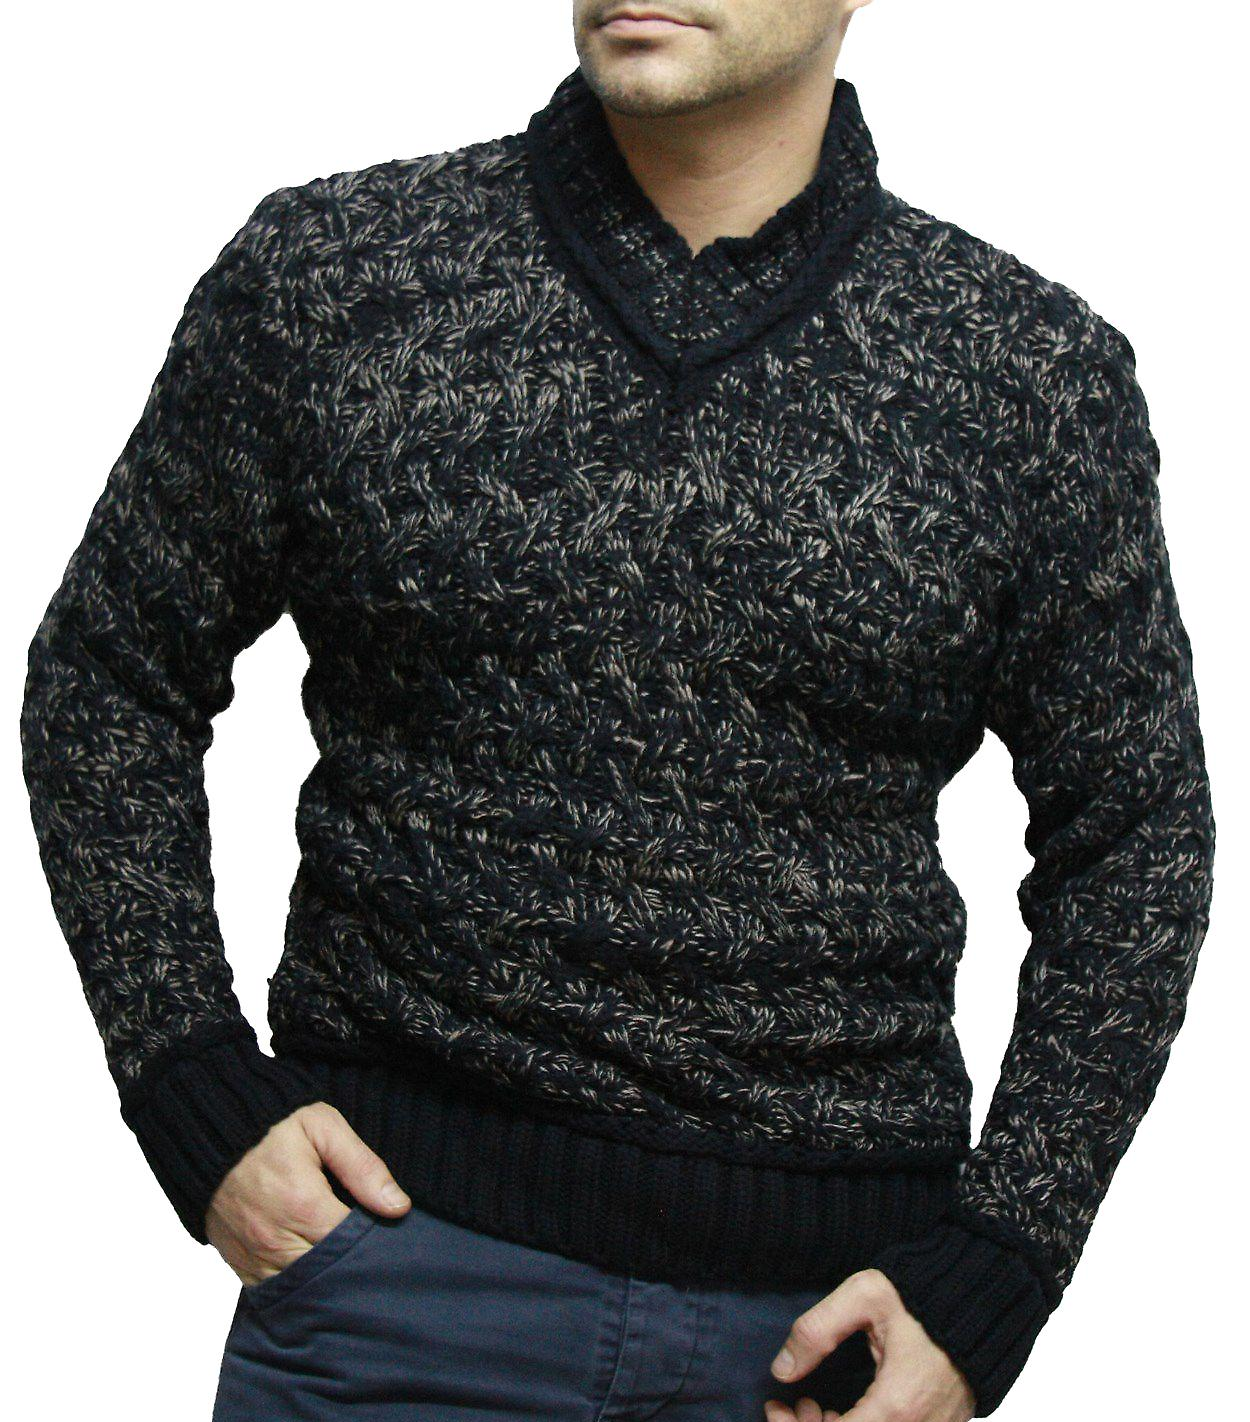 Waooh - D'Hiver Removable Collar Sweater Benji